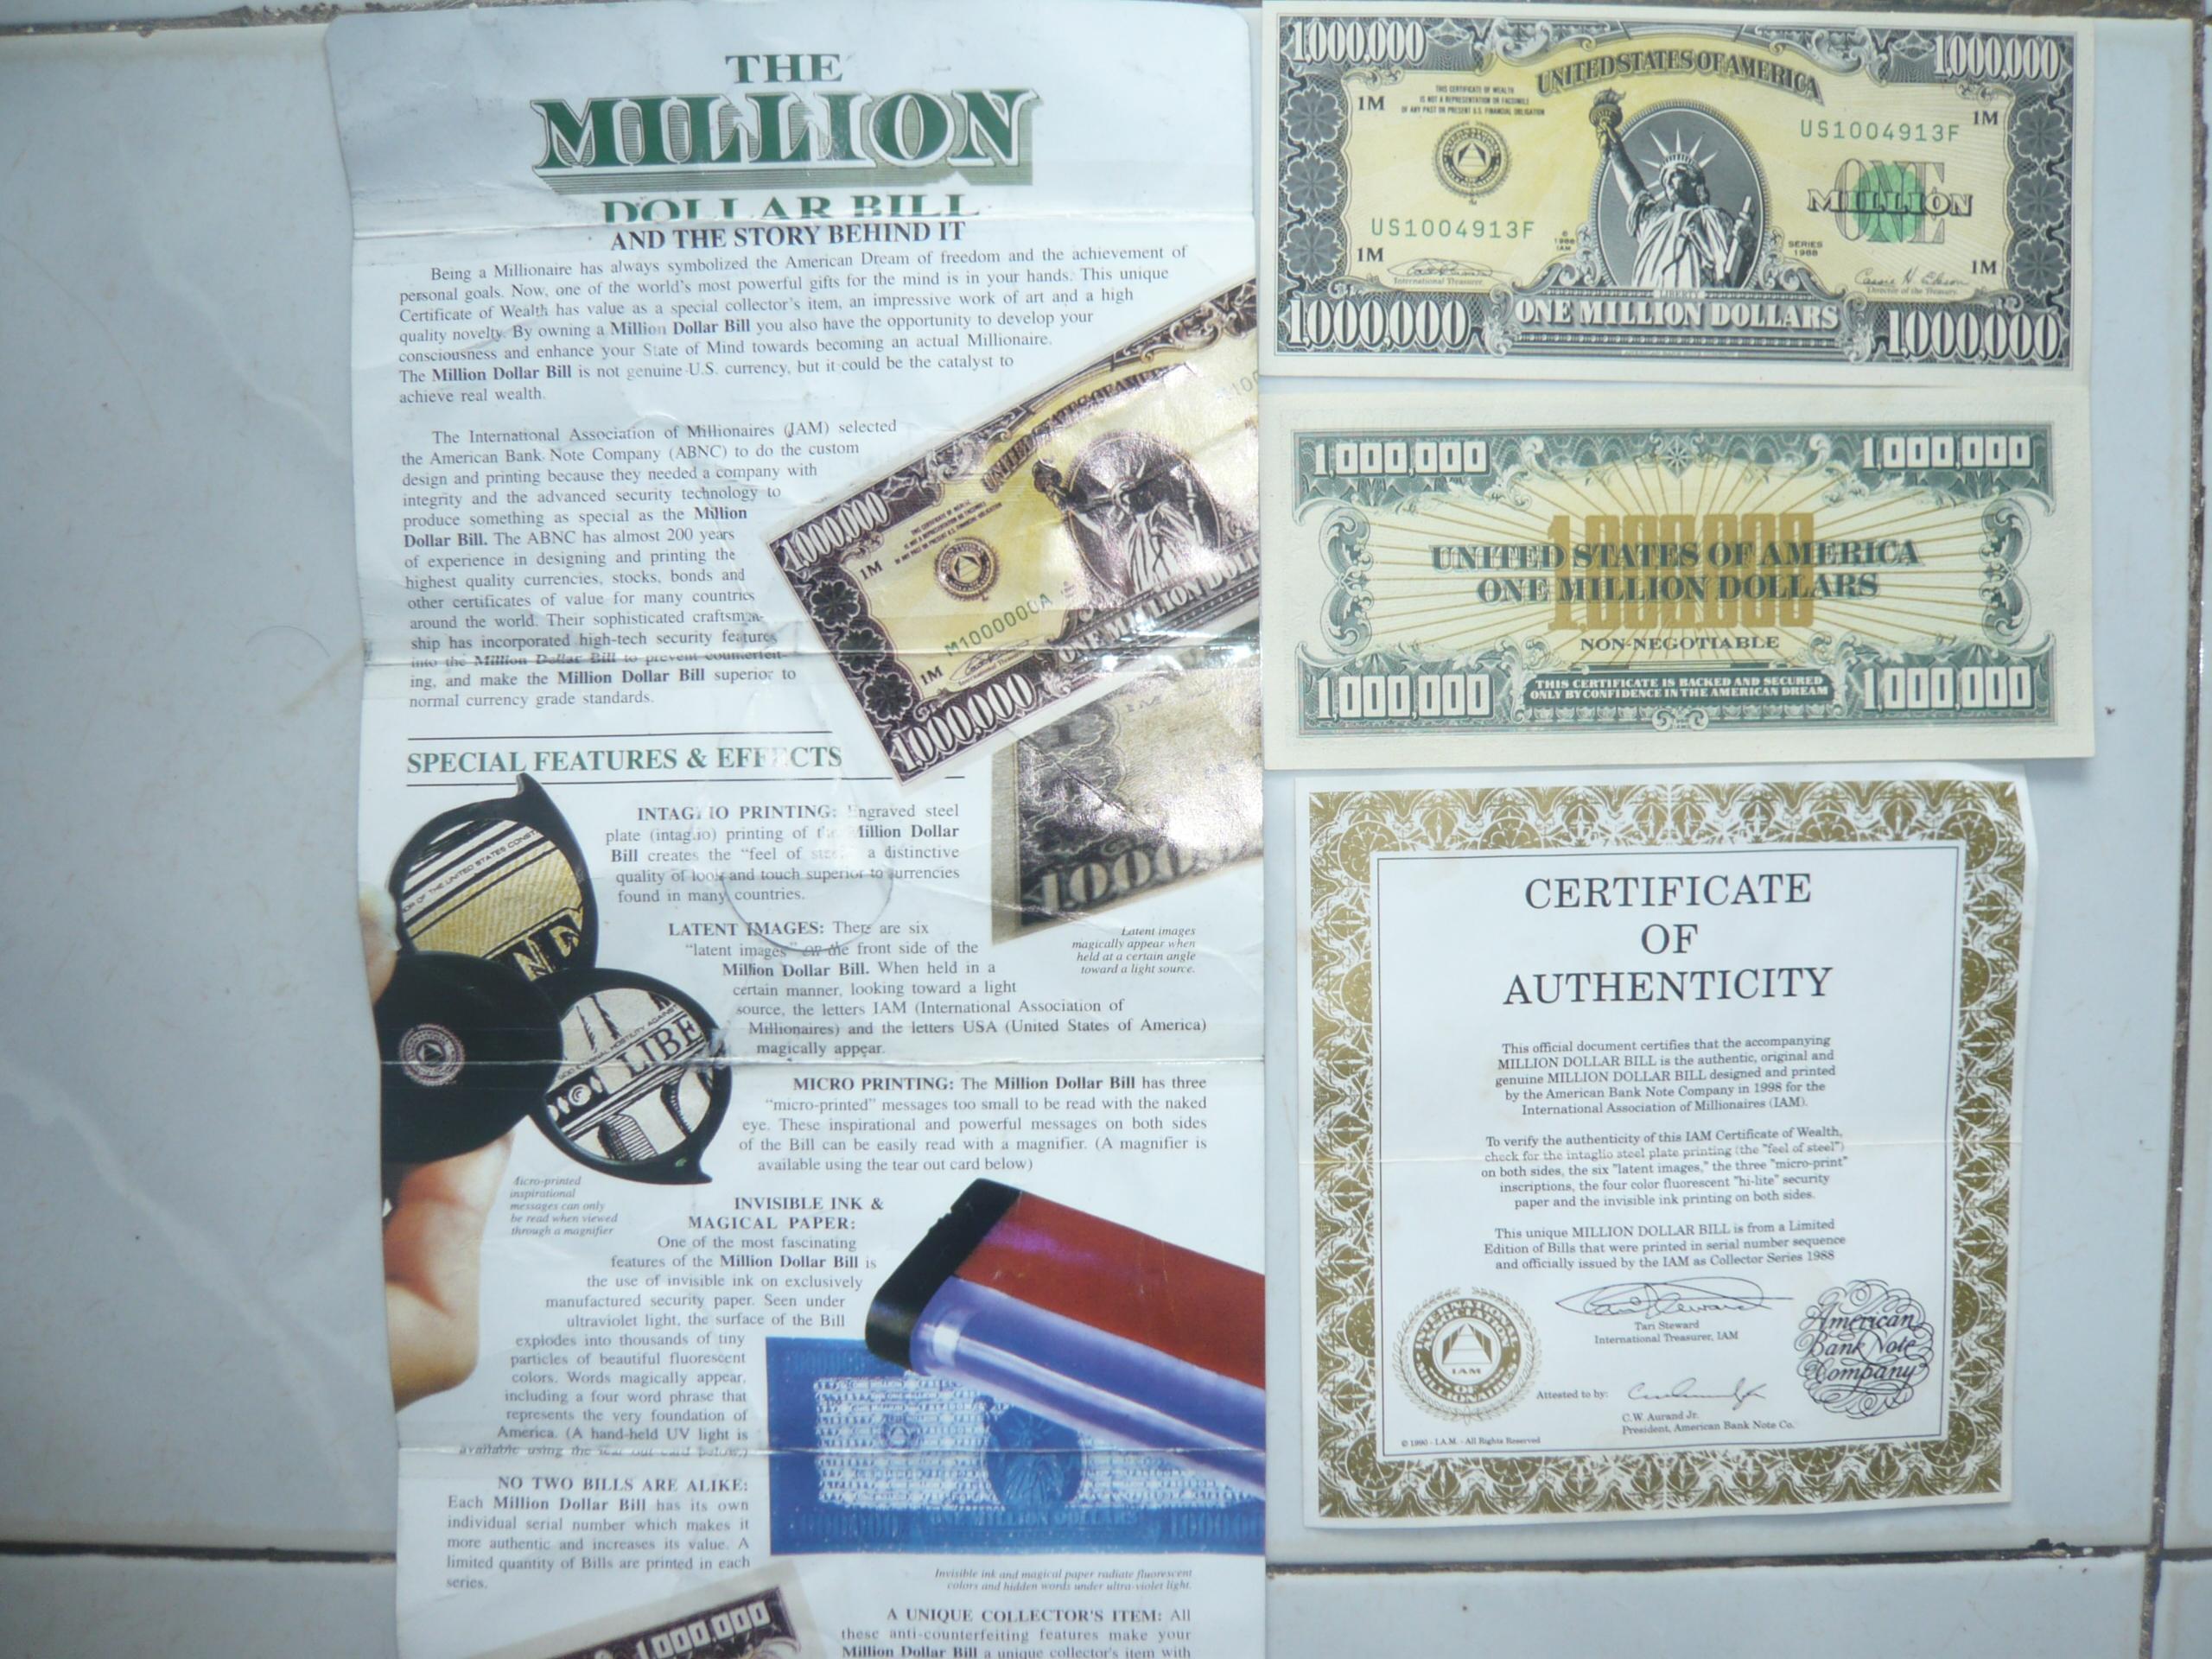 Uang 1 Juta Dollar Amerika Abu Dzakwan S Blog